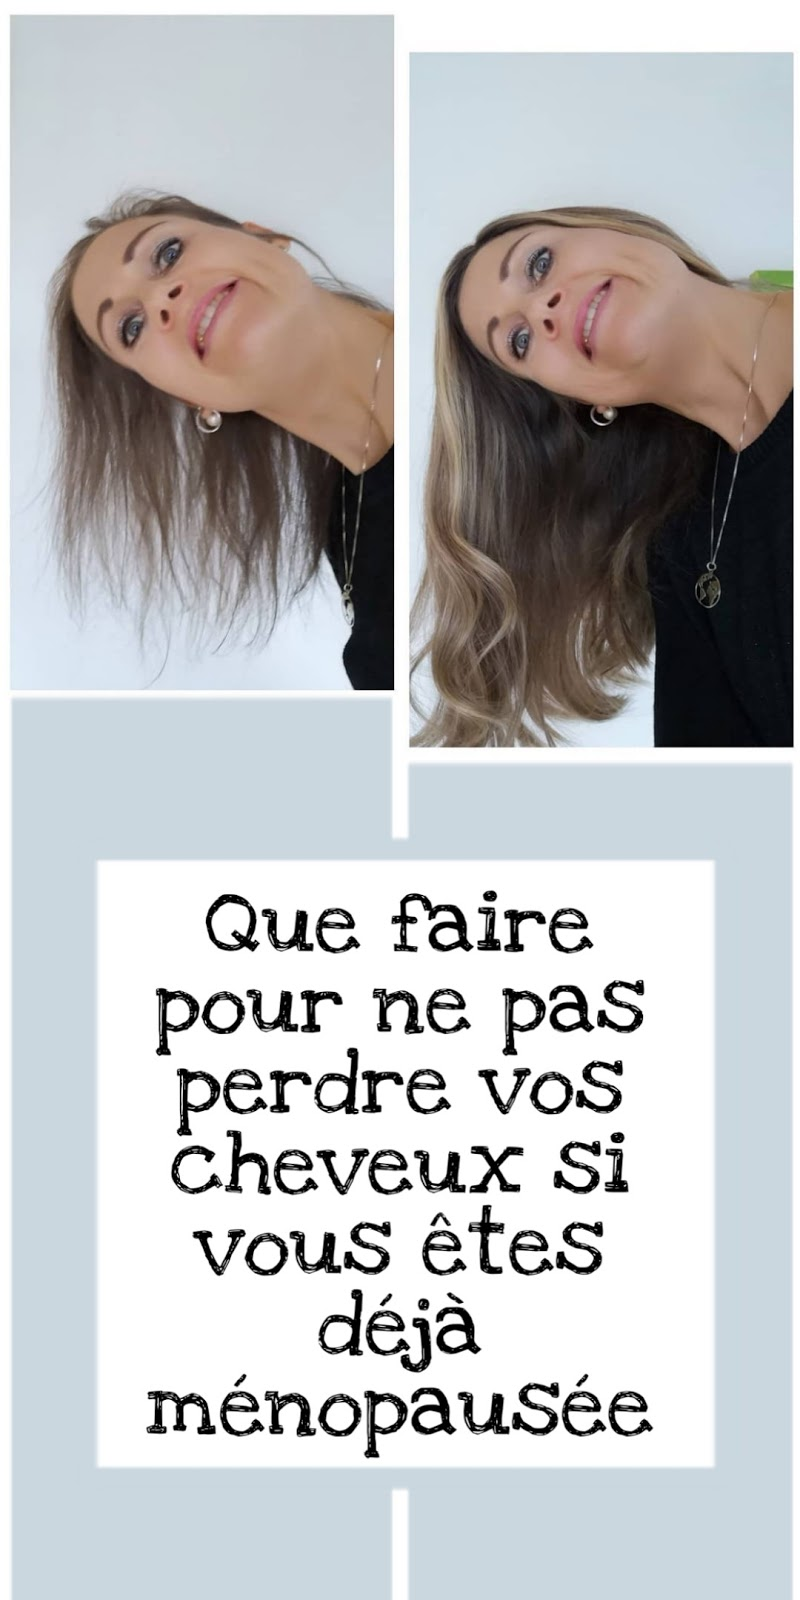 Que faire pour ne pas perdre vos cheveux si vous êtes déjà ménopausée